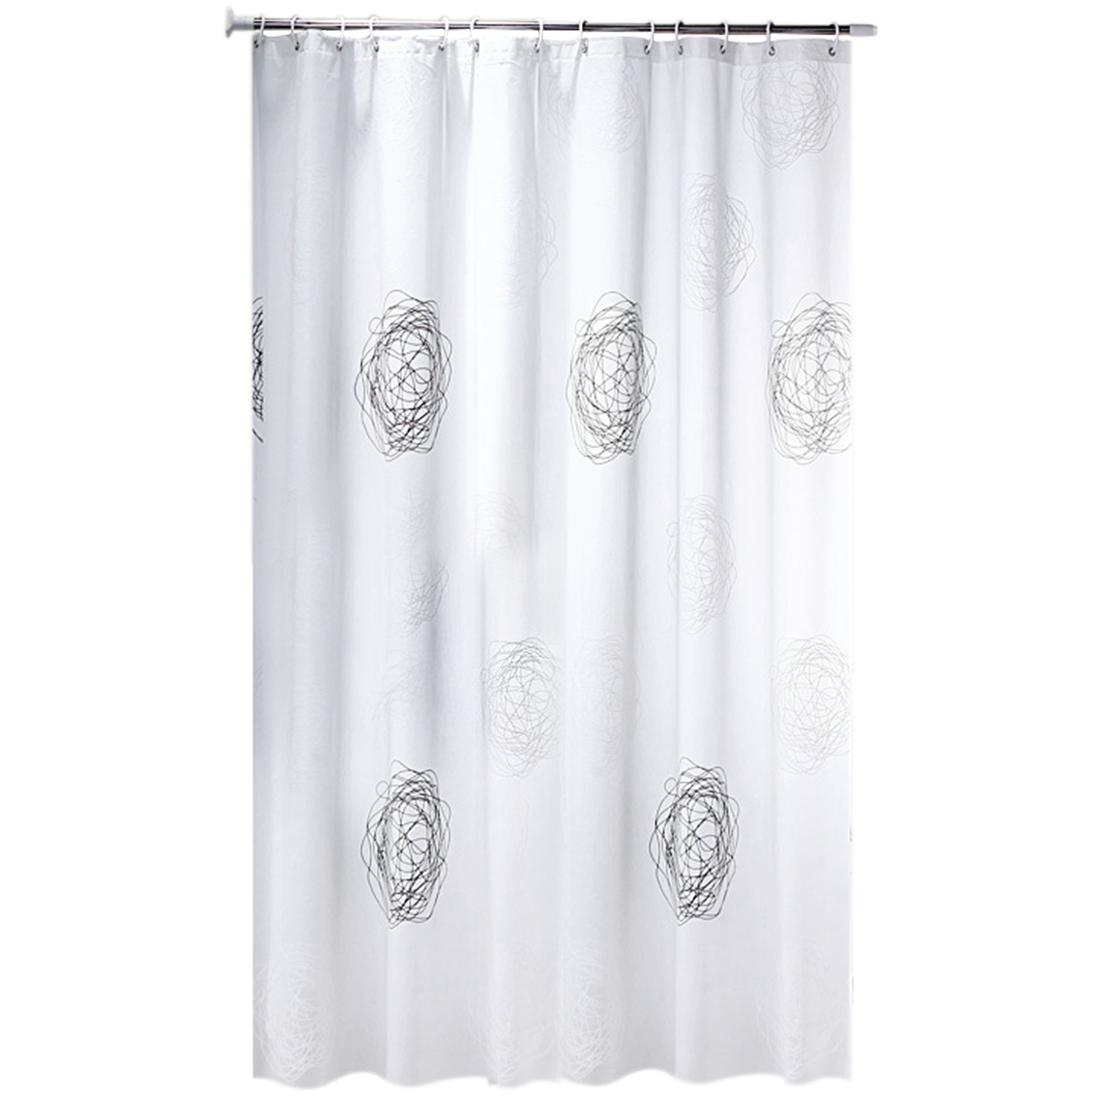 Home Garden Winter Snow Pine Forest Shower Curtain Set